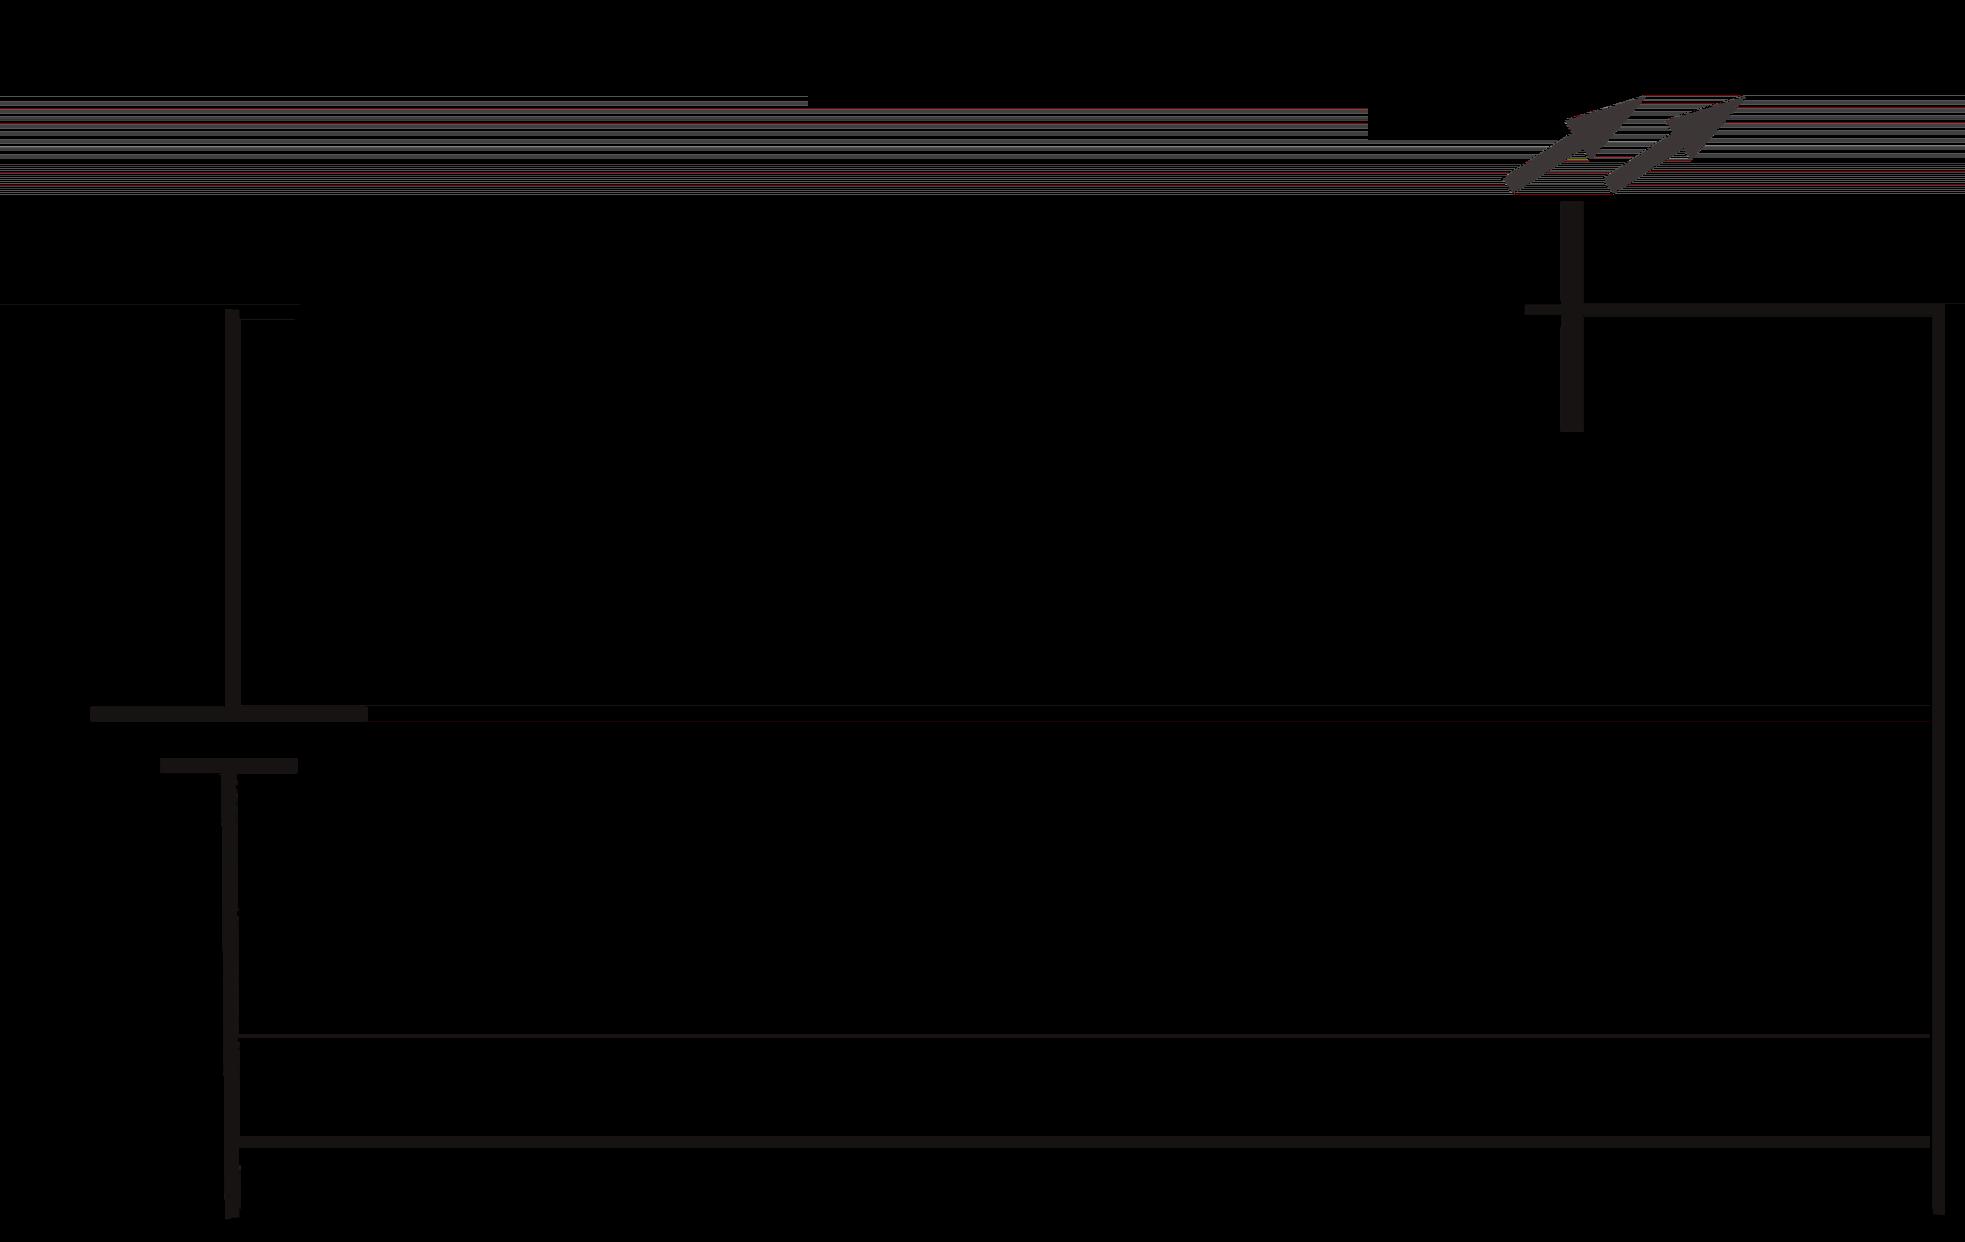 Led series resistor calculator.